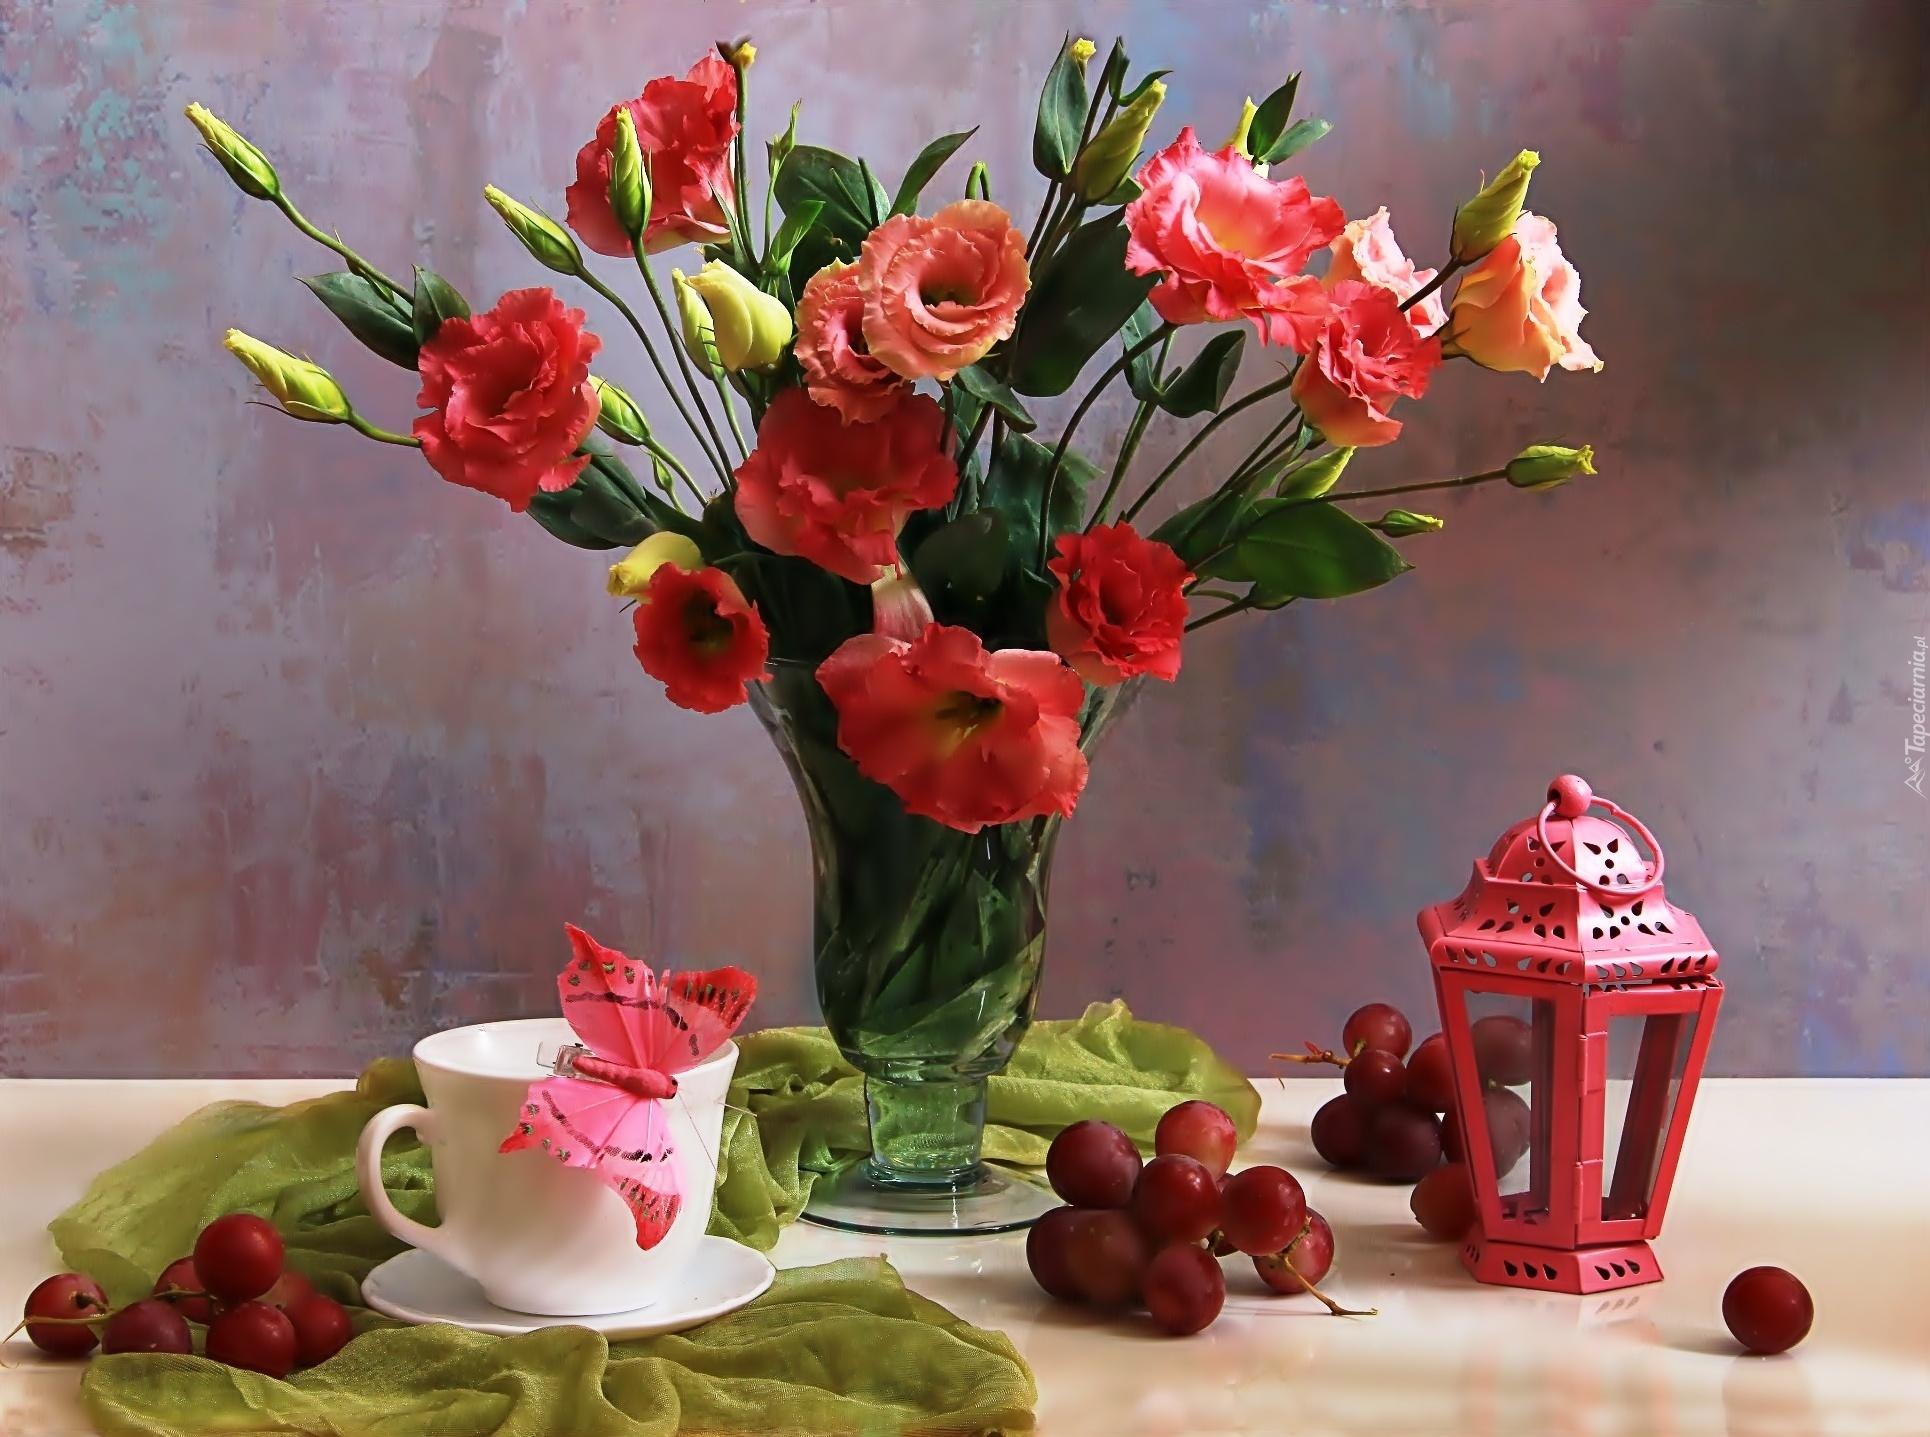 Résultat d'images pour Photos bouquets de fleurs printemps